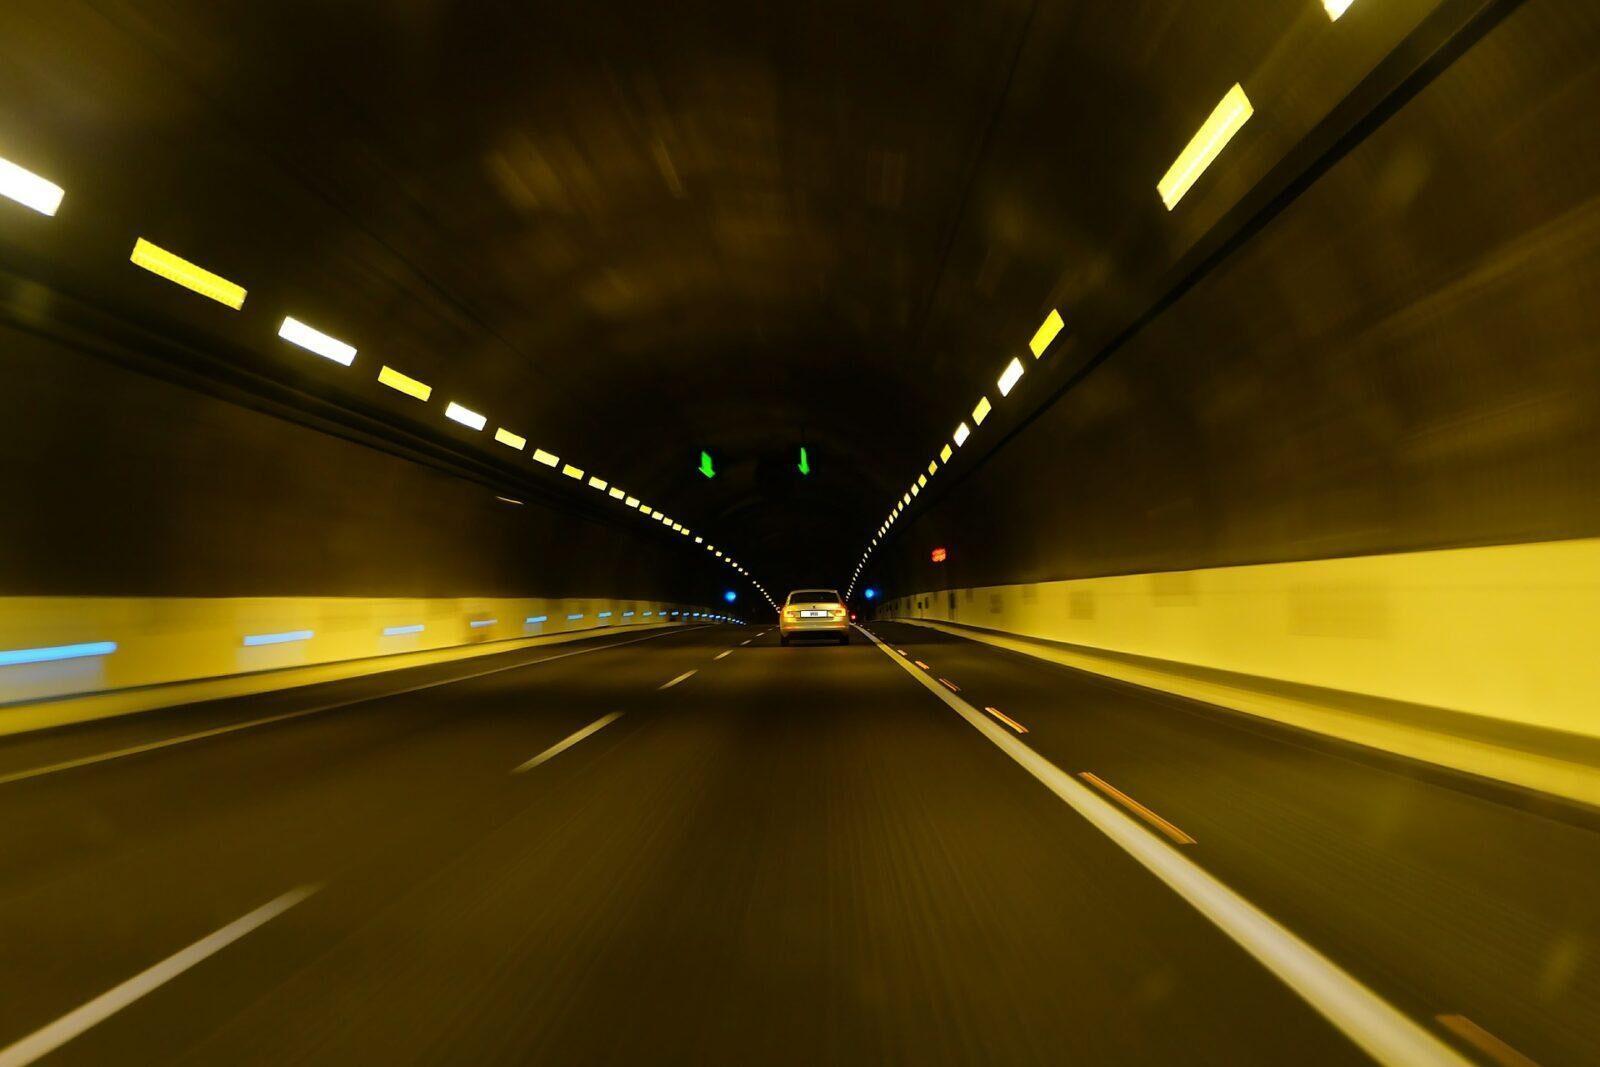 Tunele drogowe przyjazne mieszkańcom